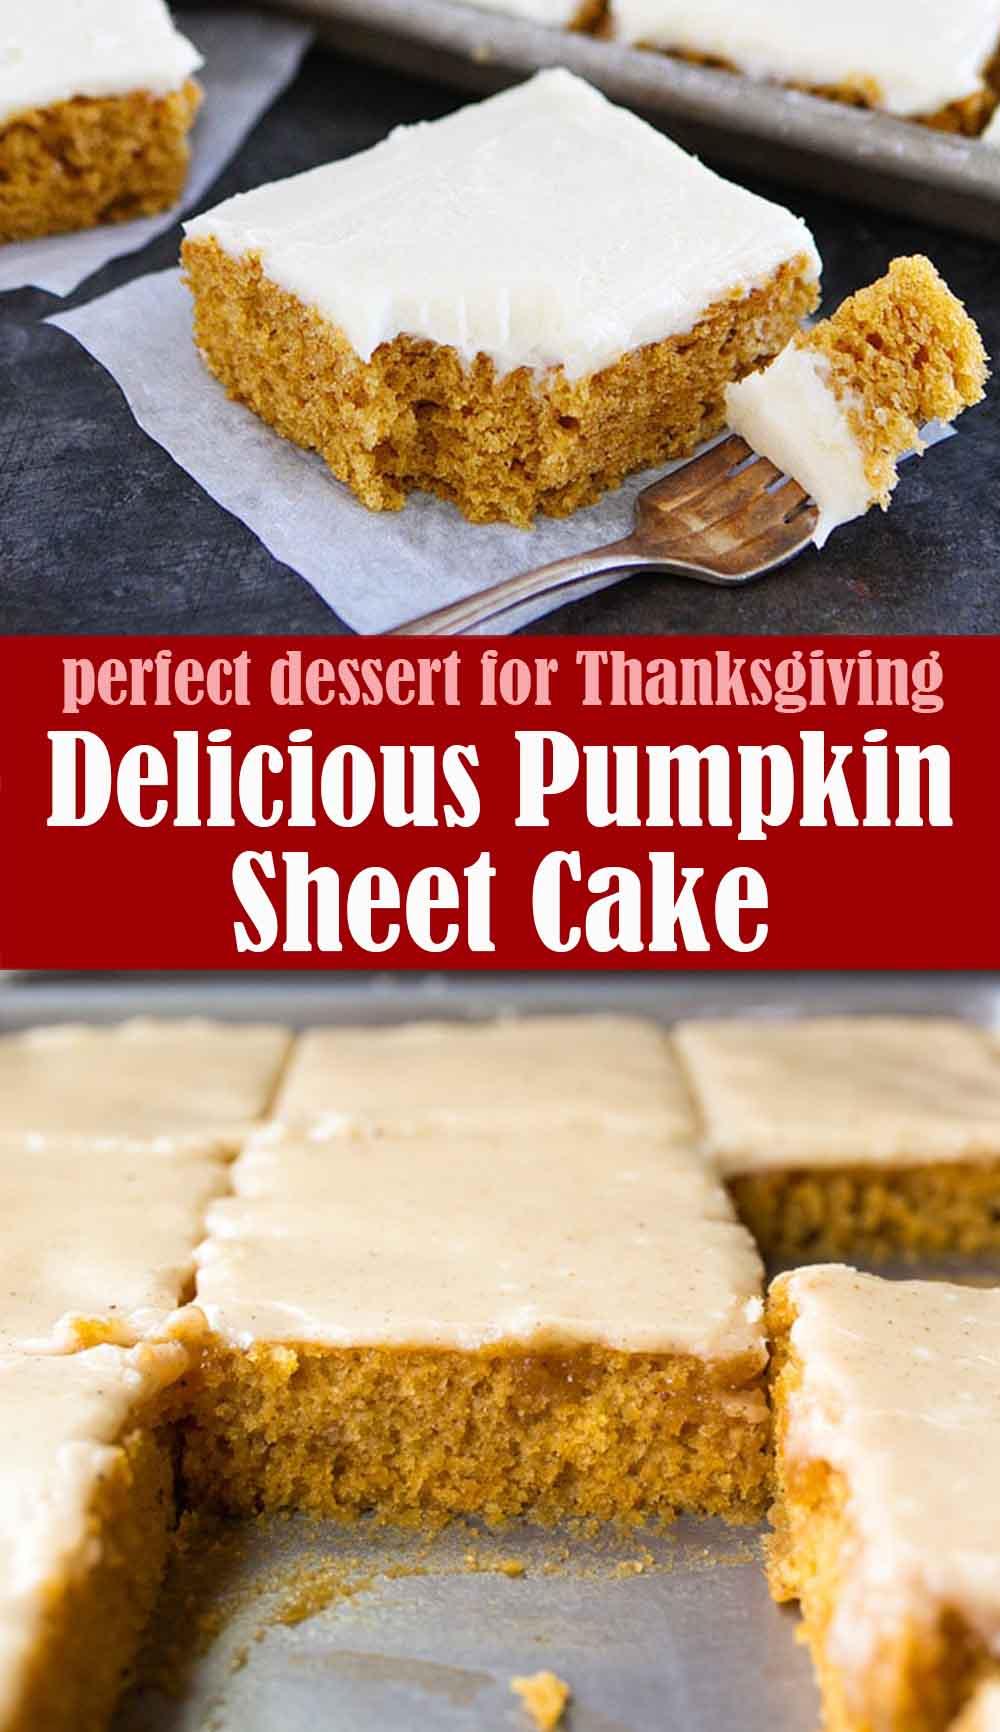 Delicious Pumpkin Sheet Cake